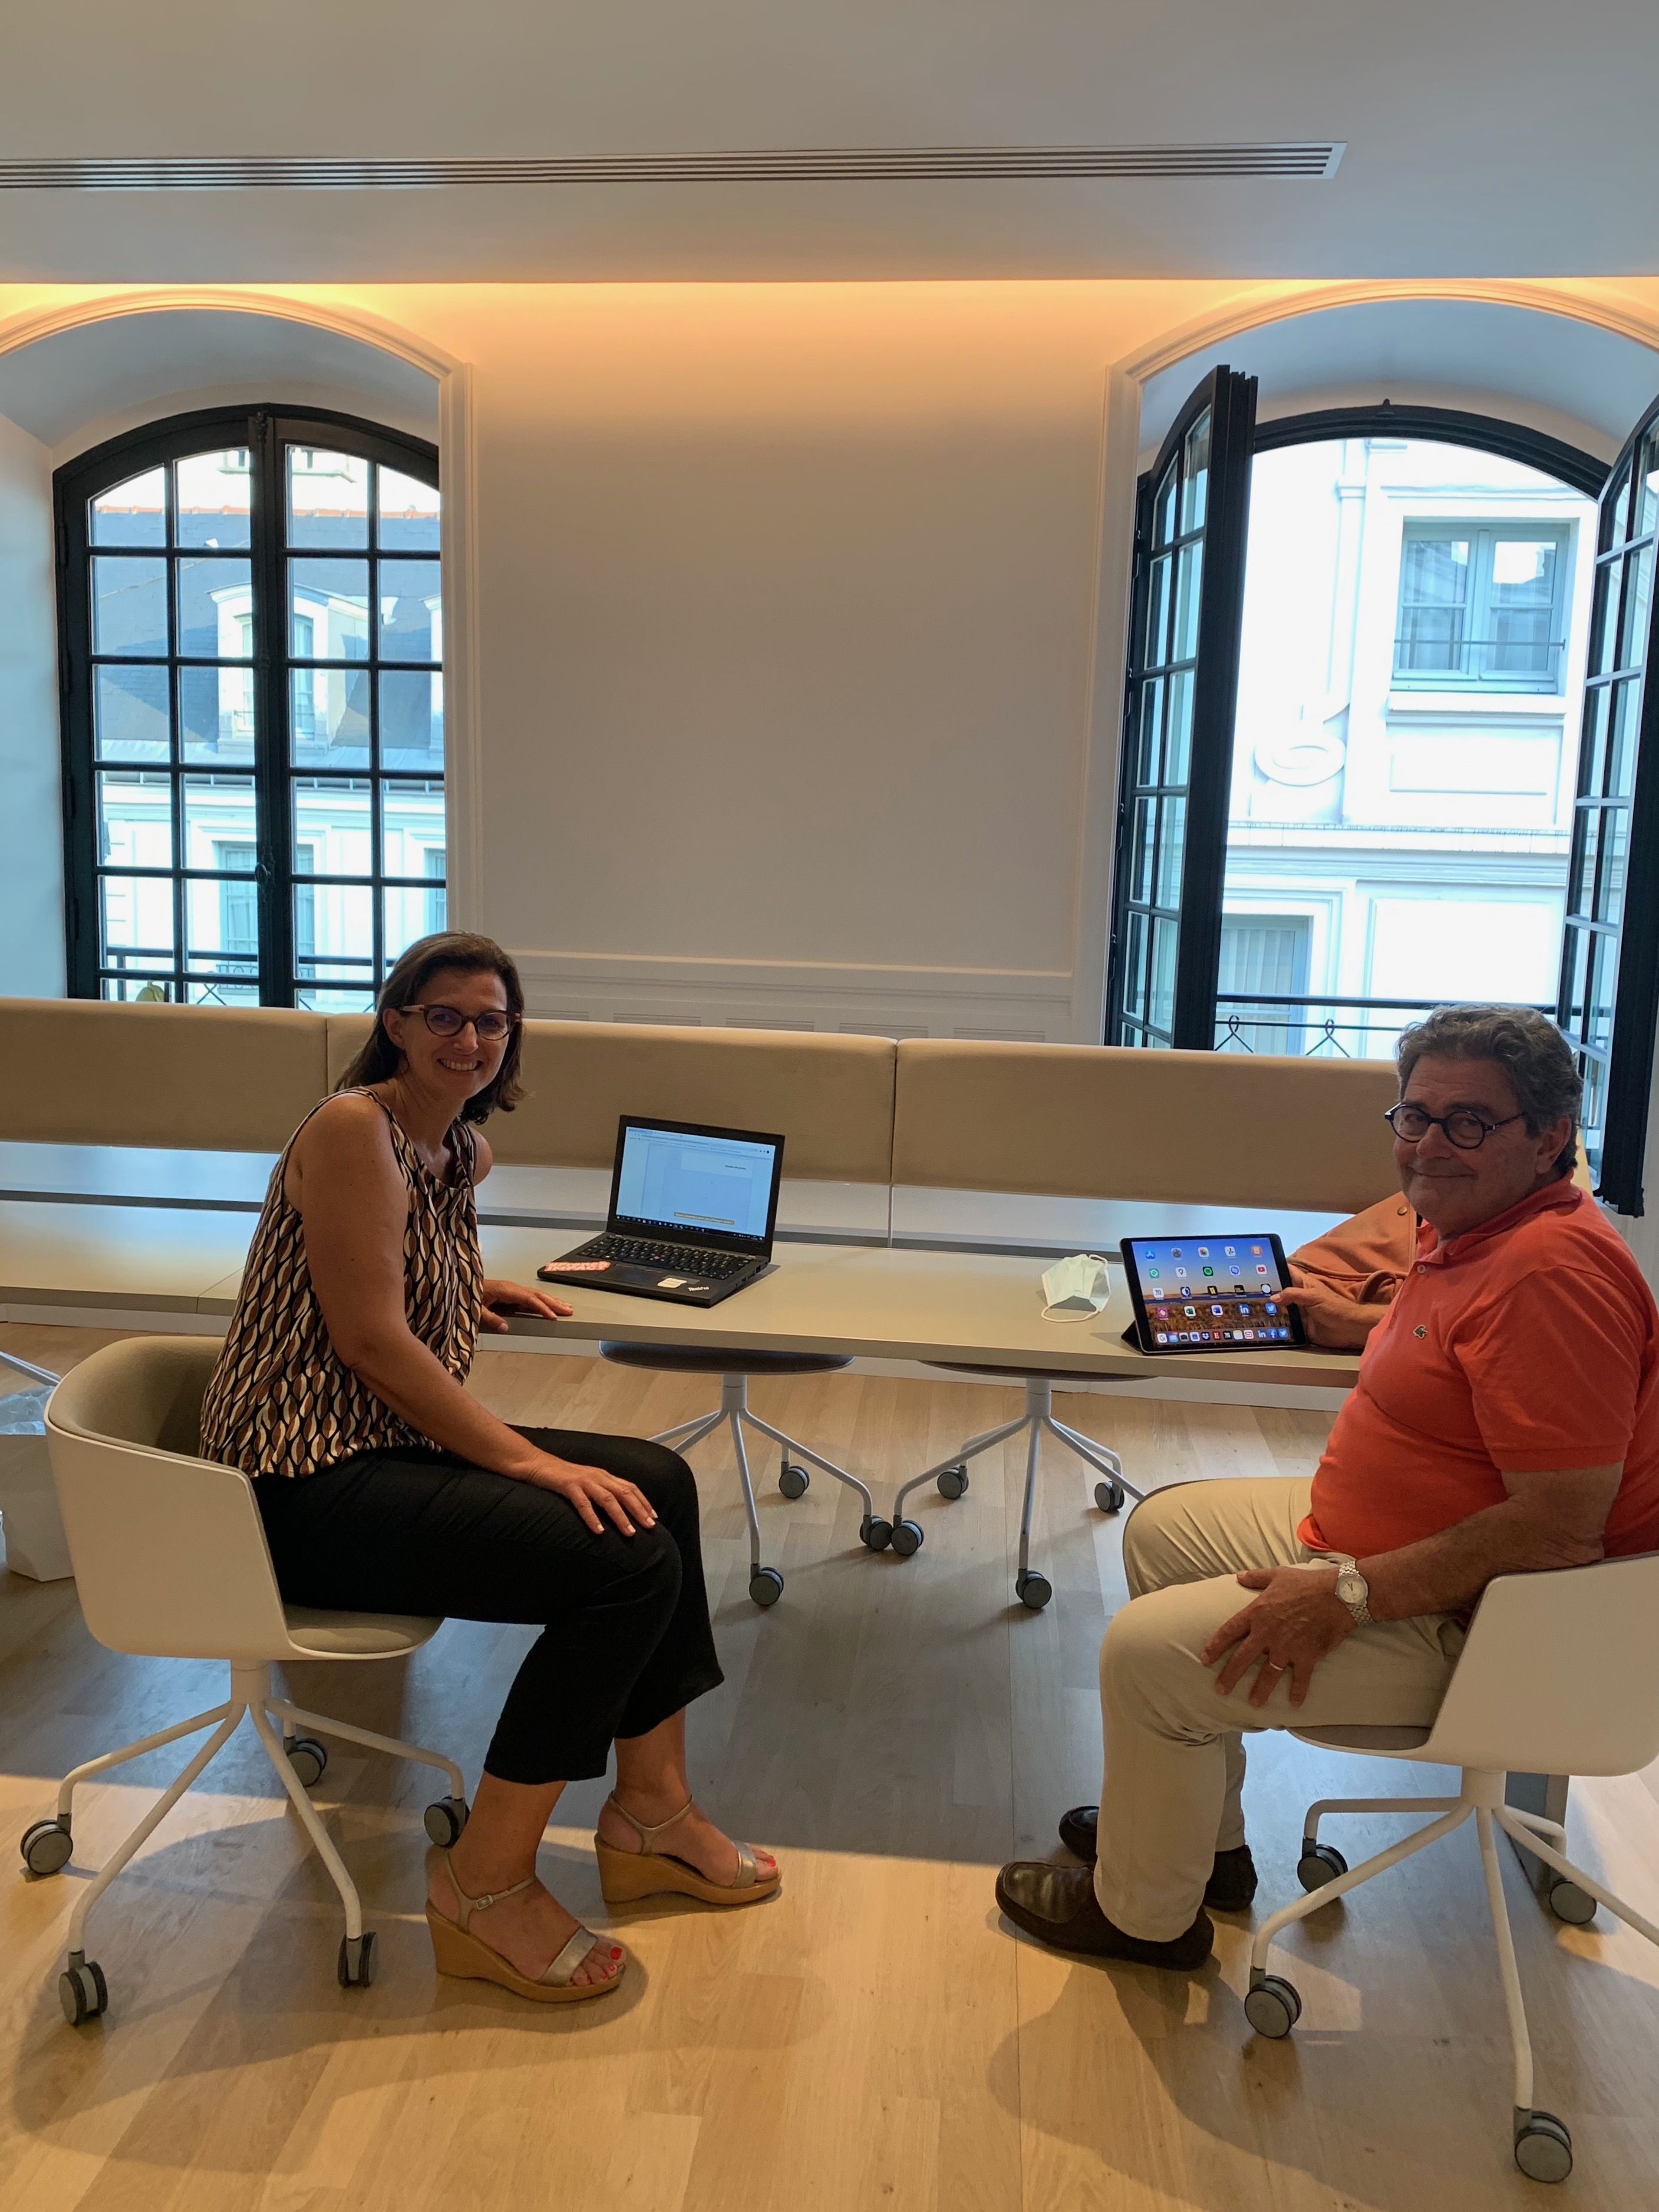 Florence Casalis, Directrice Développement & Philanthropie et Philippe Vayssettes, entrepreneur philanthrope, trésorier d'Entreprendre&+ en train d'échanger sur notre stratégie de développement.